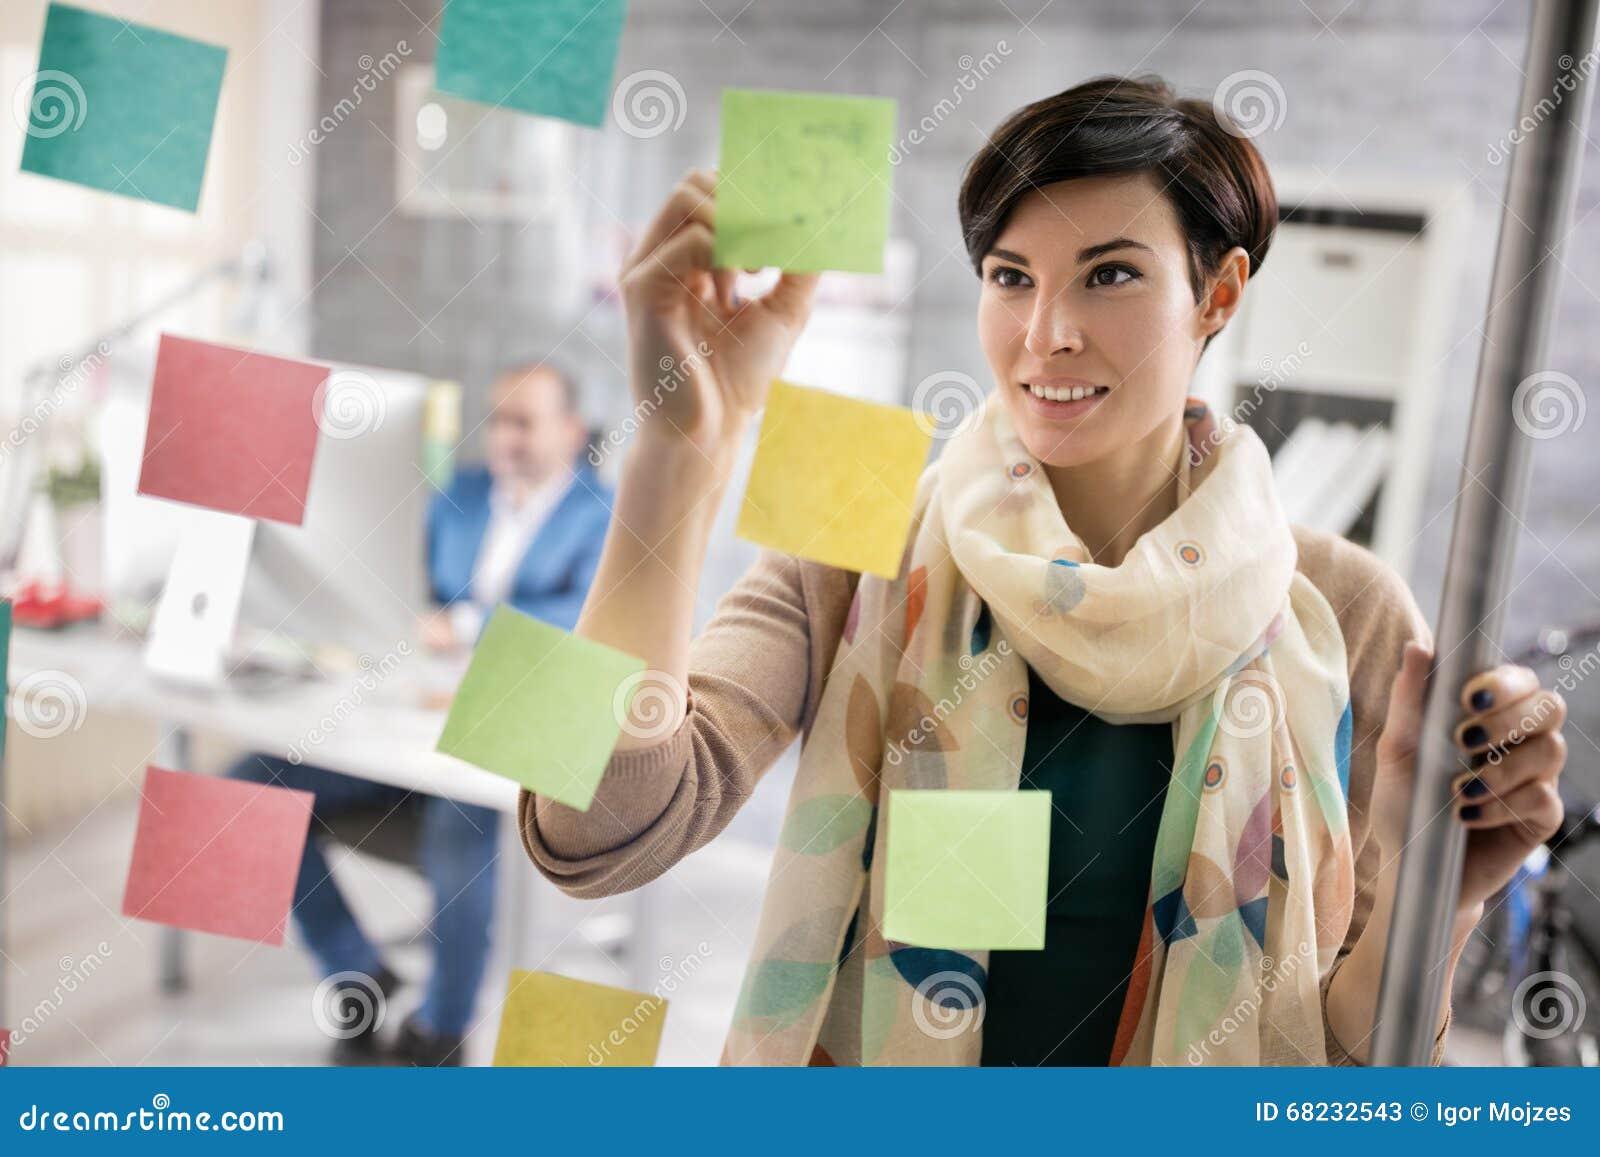 Berufstätige Frau macht Entwurf auf Aufklebern am Arbeitsplatz